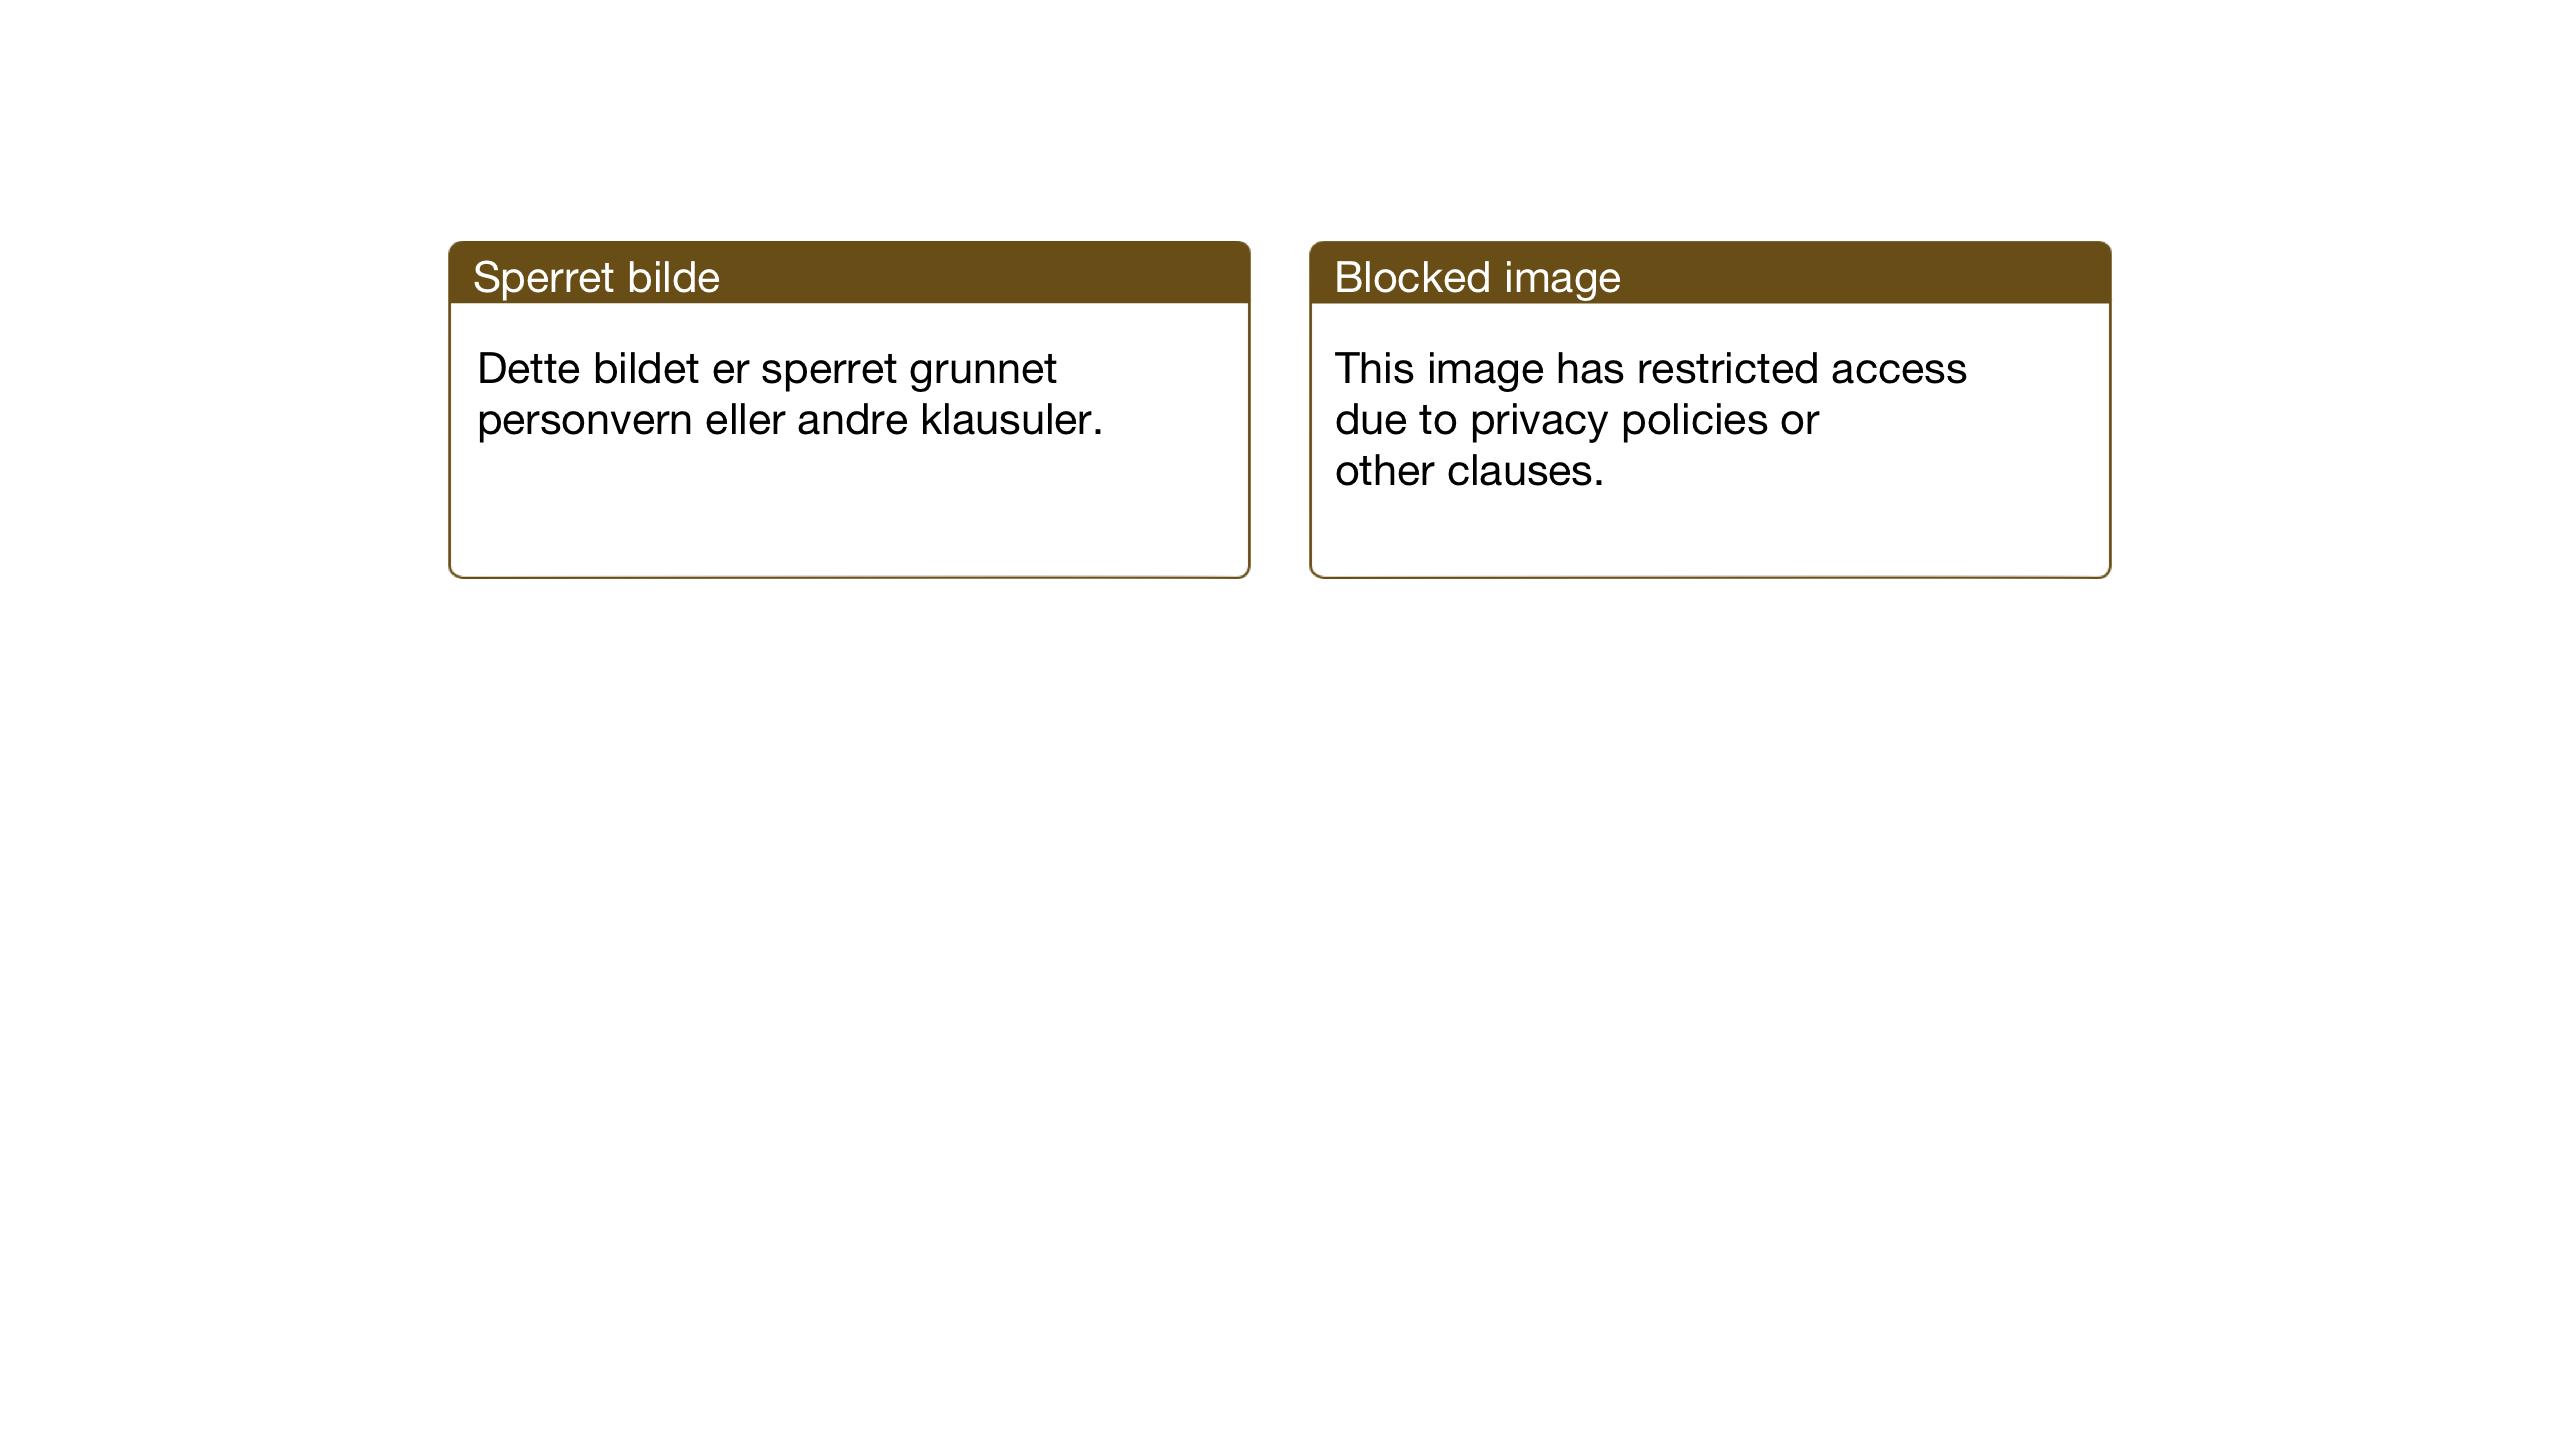 SAT, Ministerialprotokoller, klokkerbøker og fødselsregistre - Sør-Trøndelag, 611/L0357: Klokkerbok nr. 611C05, 1938-1942, s. 44